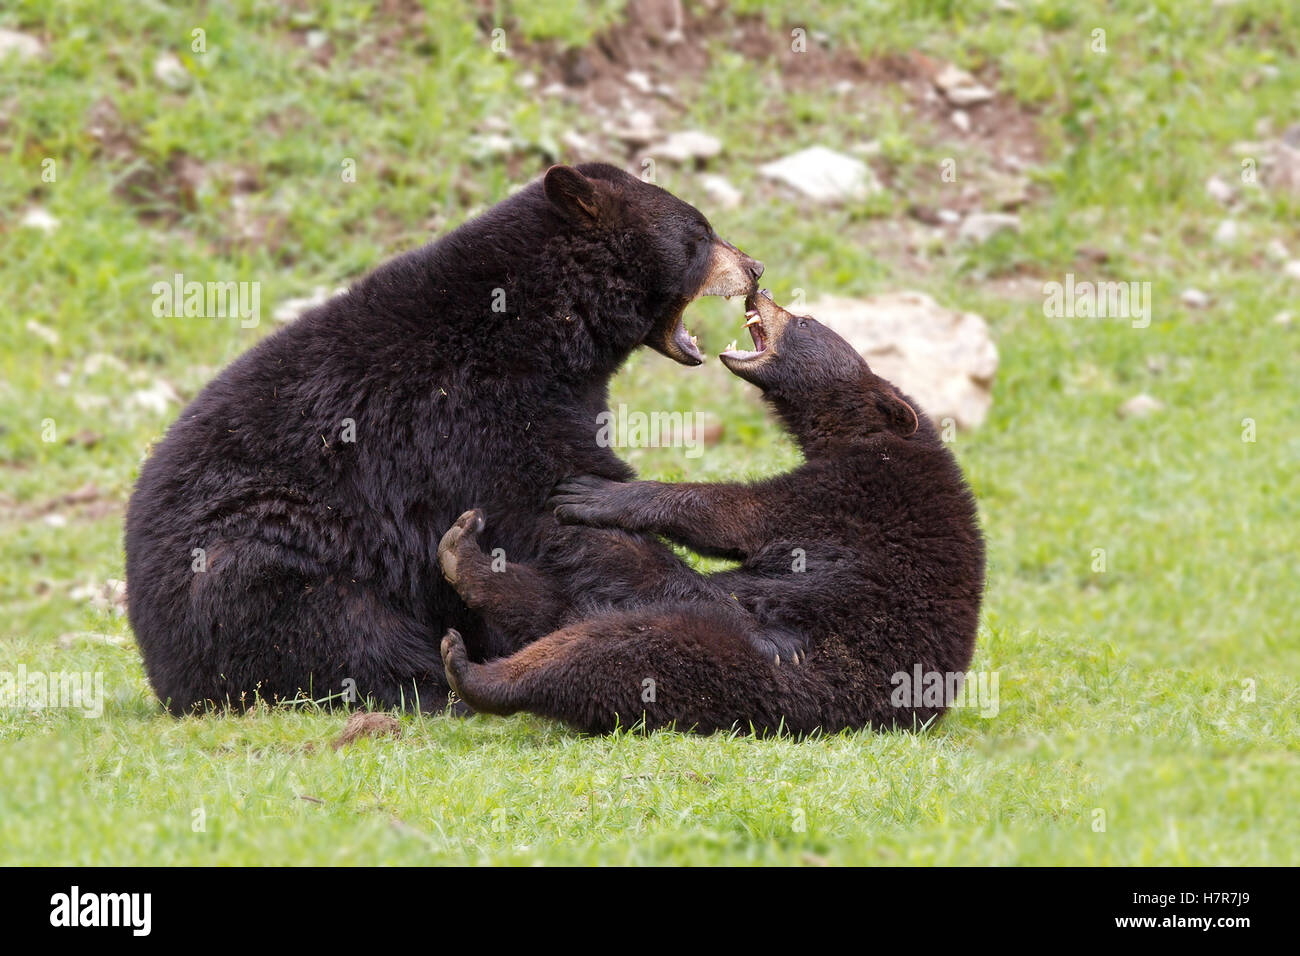 Los osos negros jugando el uno con el otro en Canadá Imagen De Stock